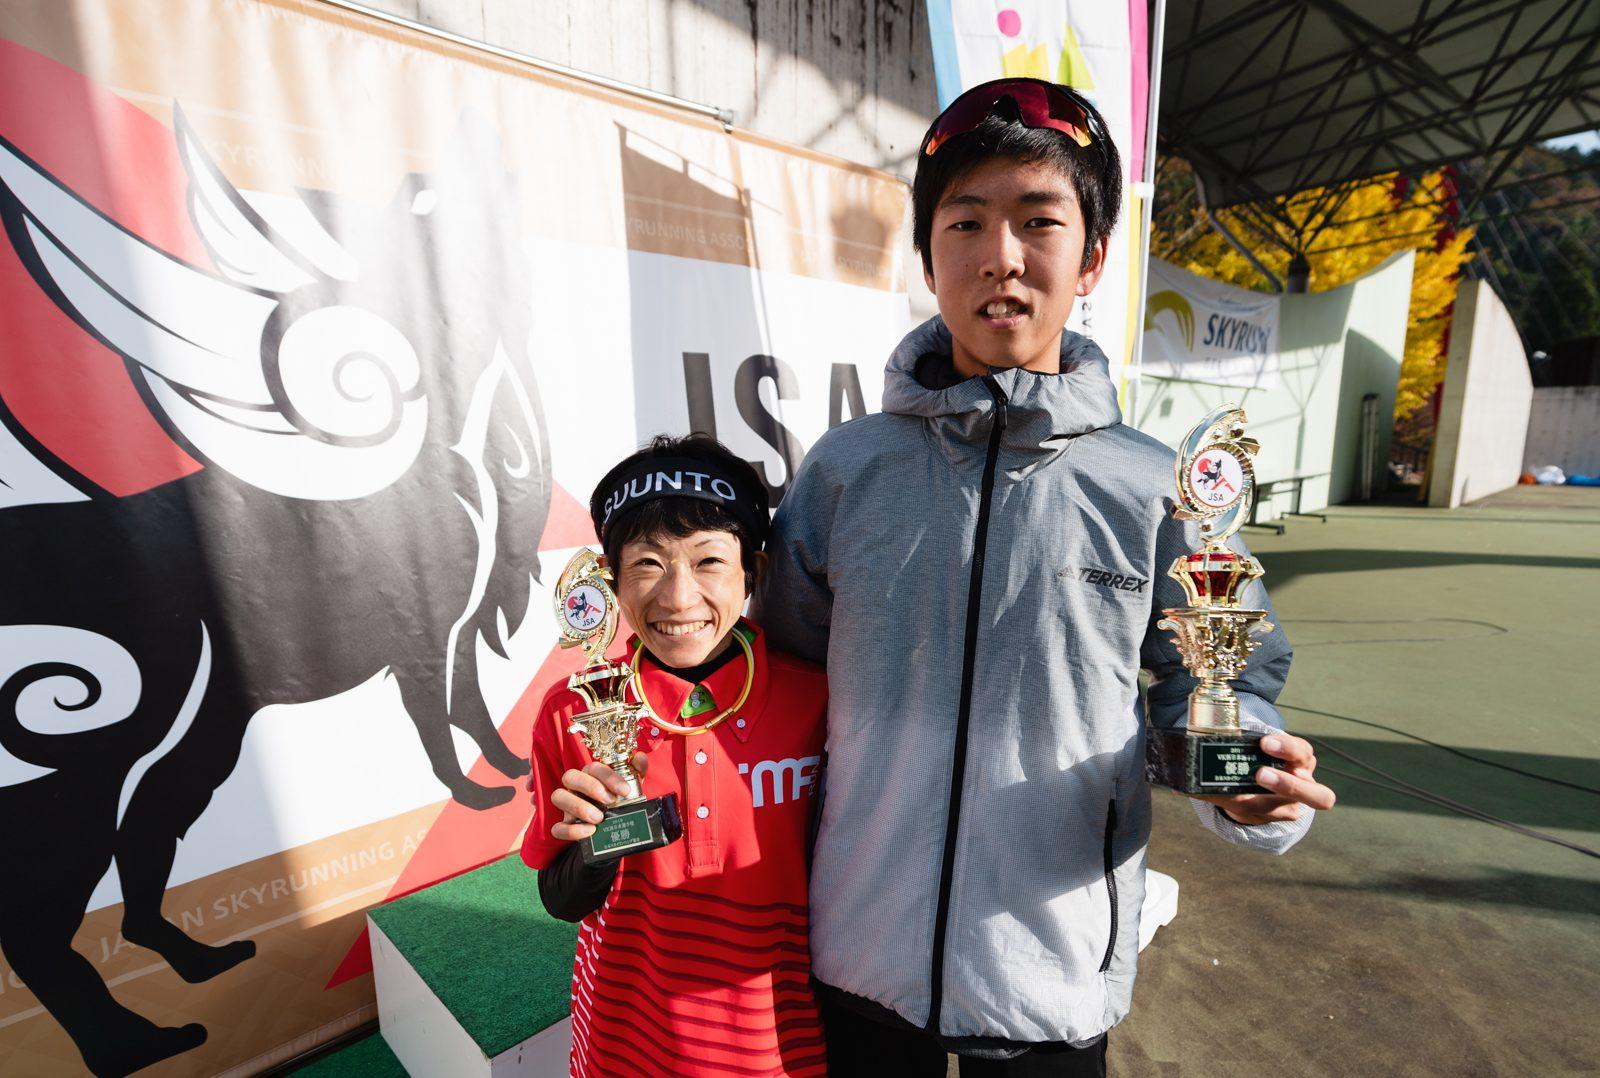 優勝した吉住と近江 ©えひめさんさん物語/四国中央スカイラン